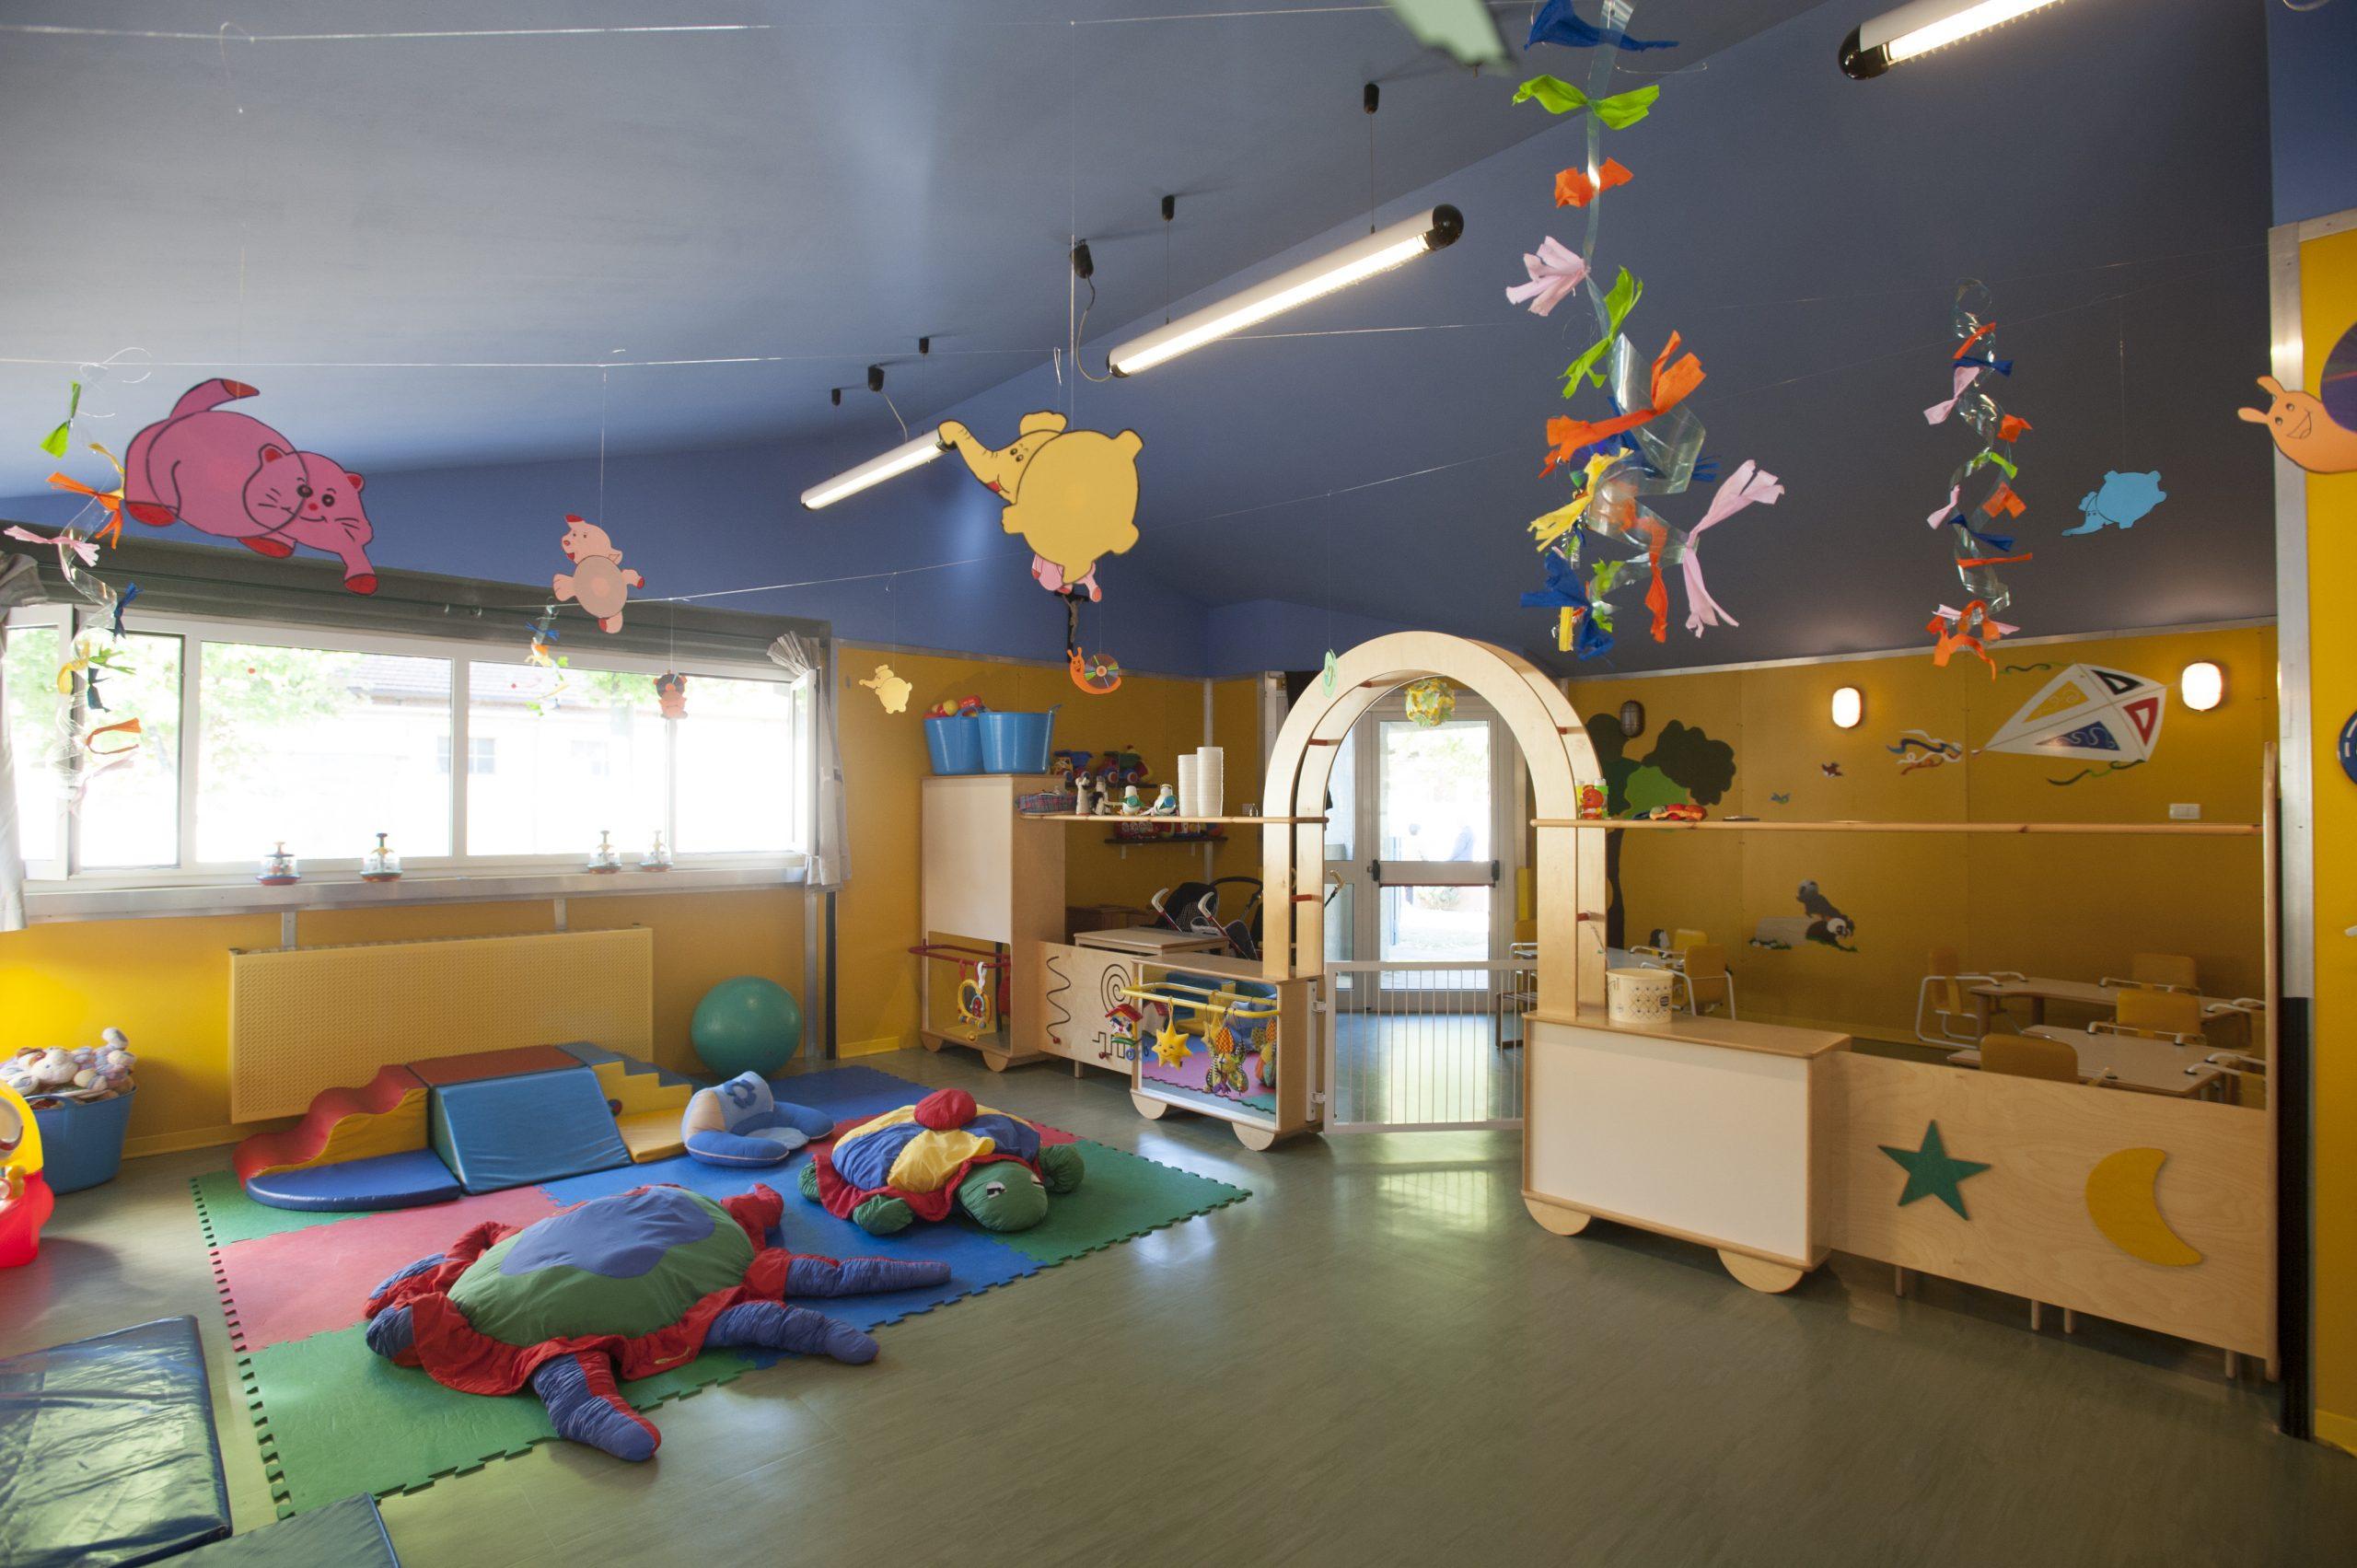 Bra: al via il Centro Estivo per i bimbi dai 0 ai 3 anni iscritti al Nido